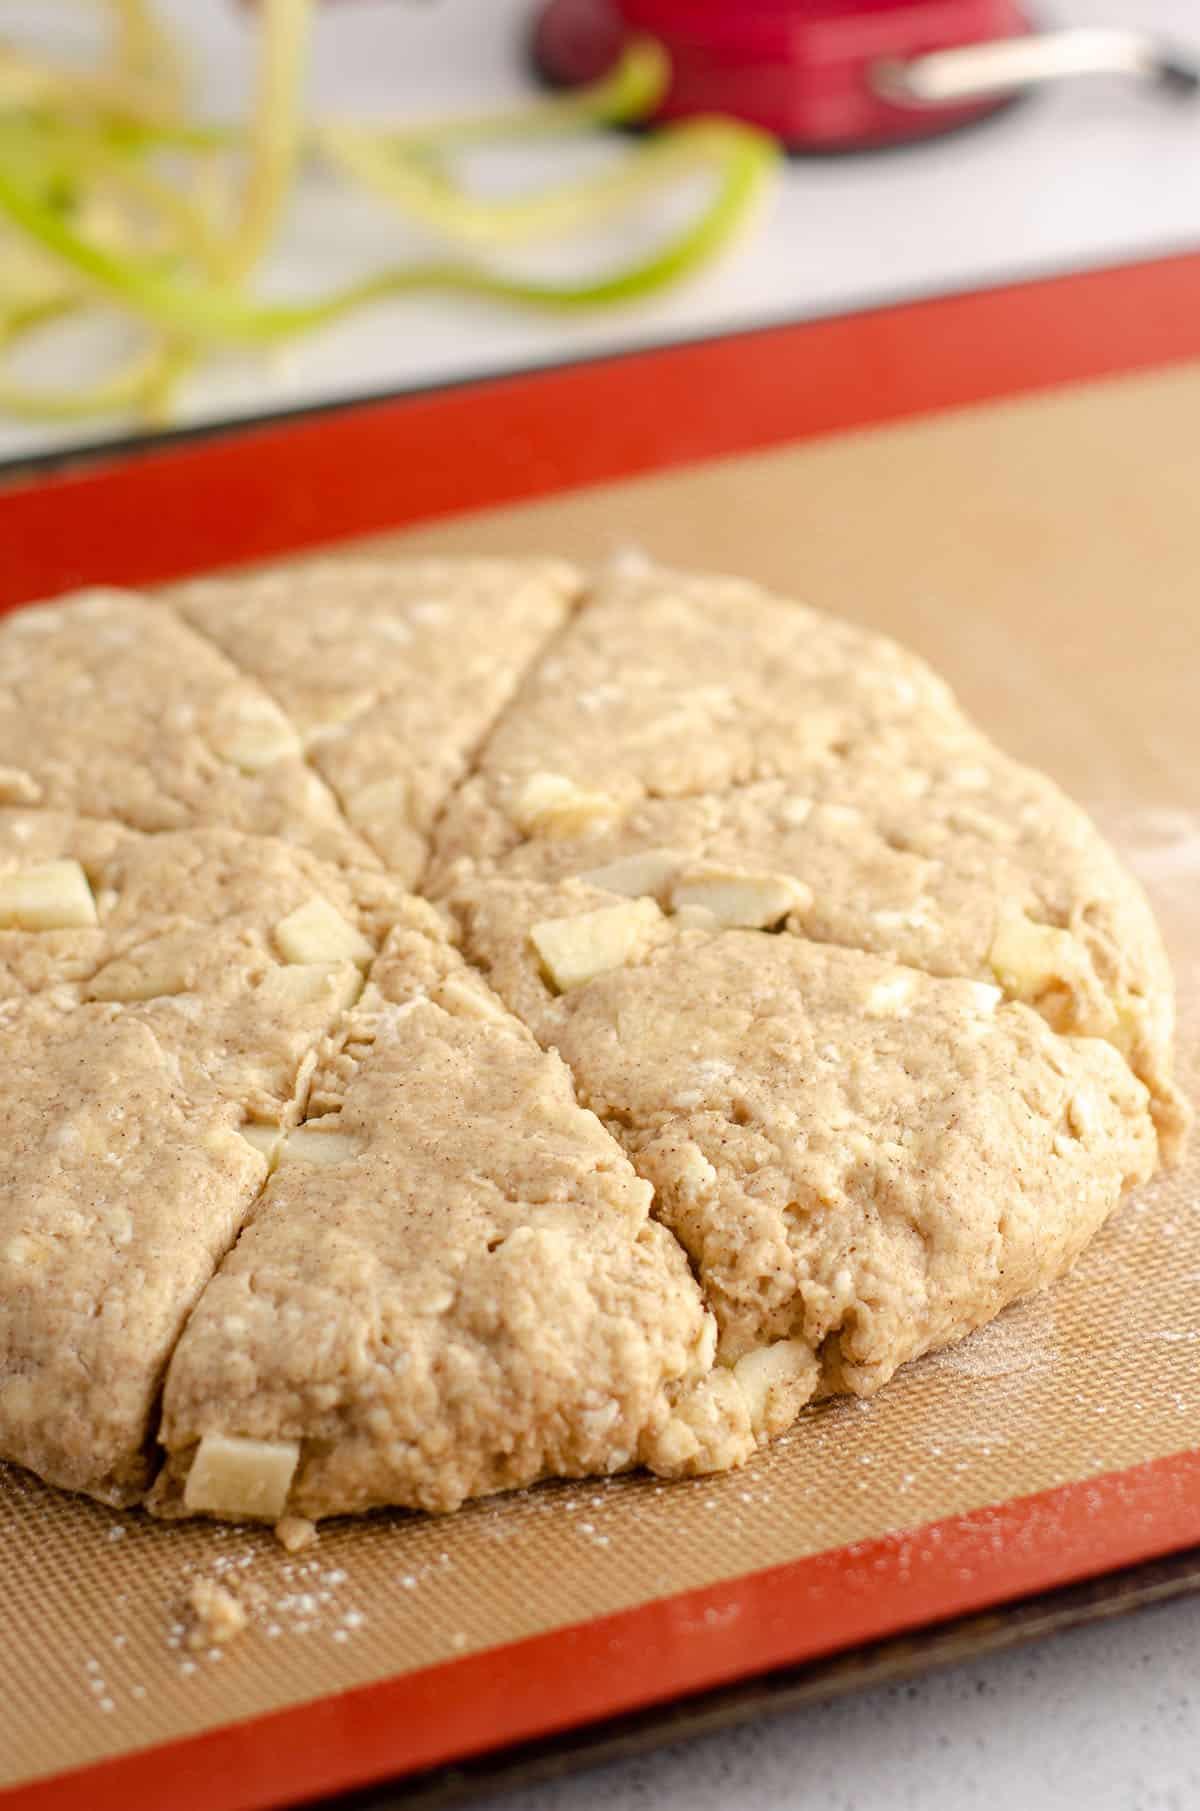 apple scones sitting on baking sheet ready to bake